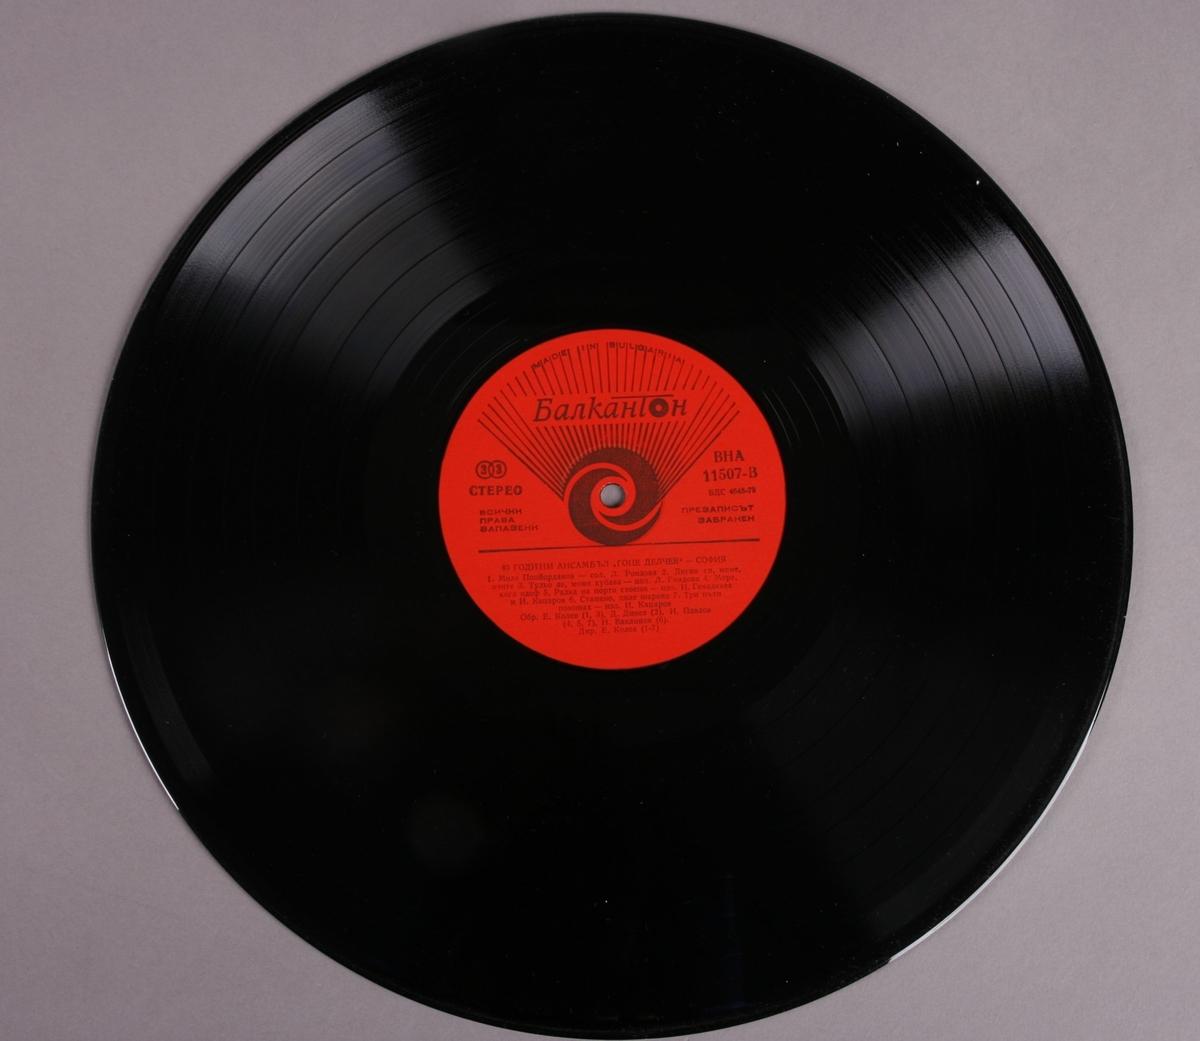 Grammofonplate i svart vinyl med plateomslag av papp. Platen ligger i en papirlomme.